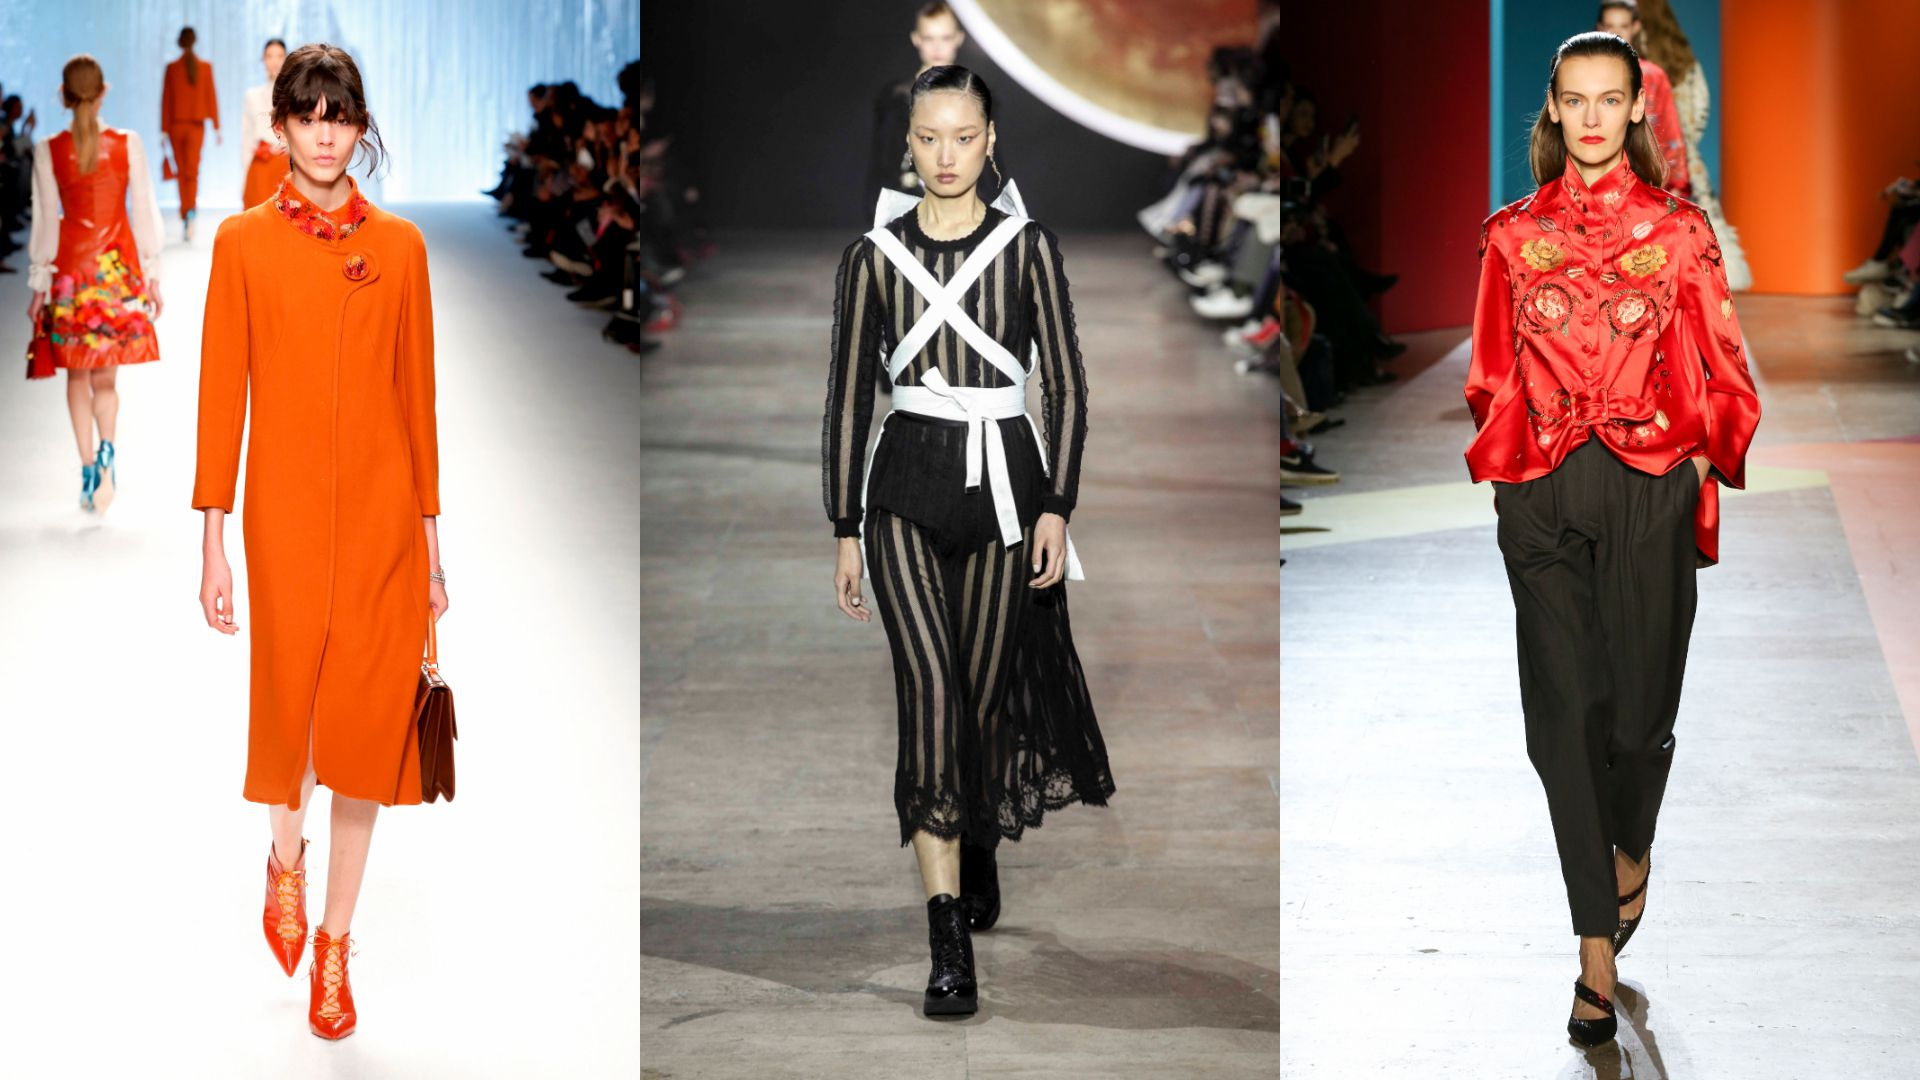 巴黎時裝周上最燦爛的華夏風光!10件關於夏姿你不知道的事 - Yahoo奇摩時尚美妝